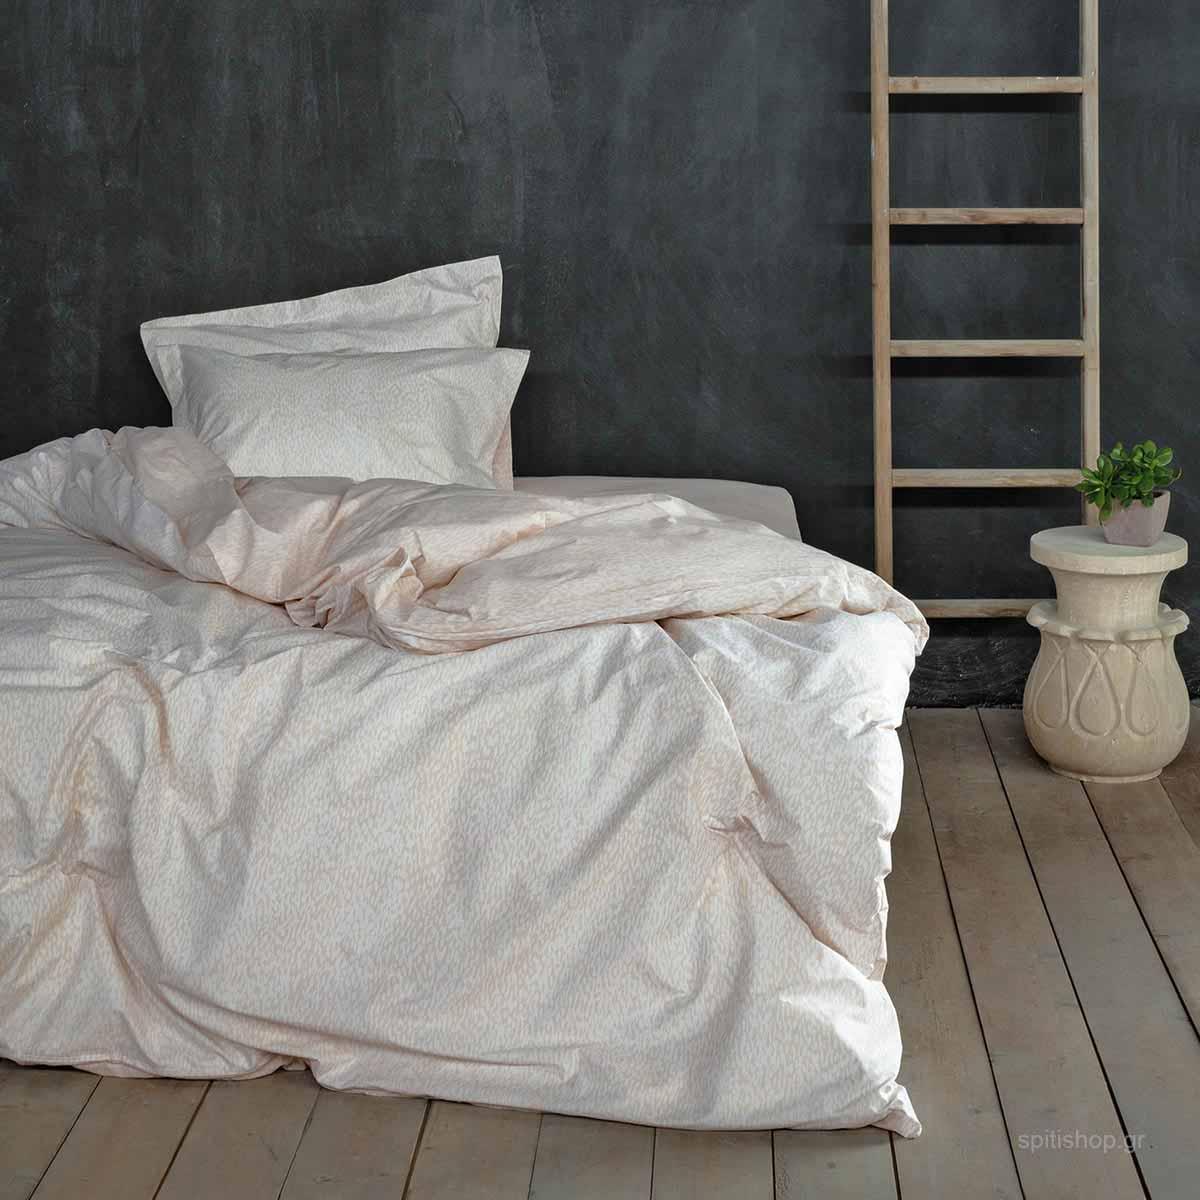 Παπλωματοθήκη Υπέρδιπλη (Σετ) Nima Bed Linen Indefinite Beige